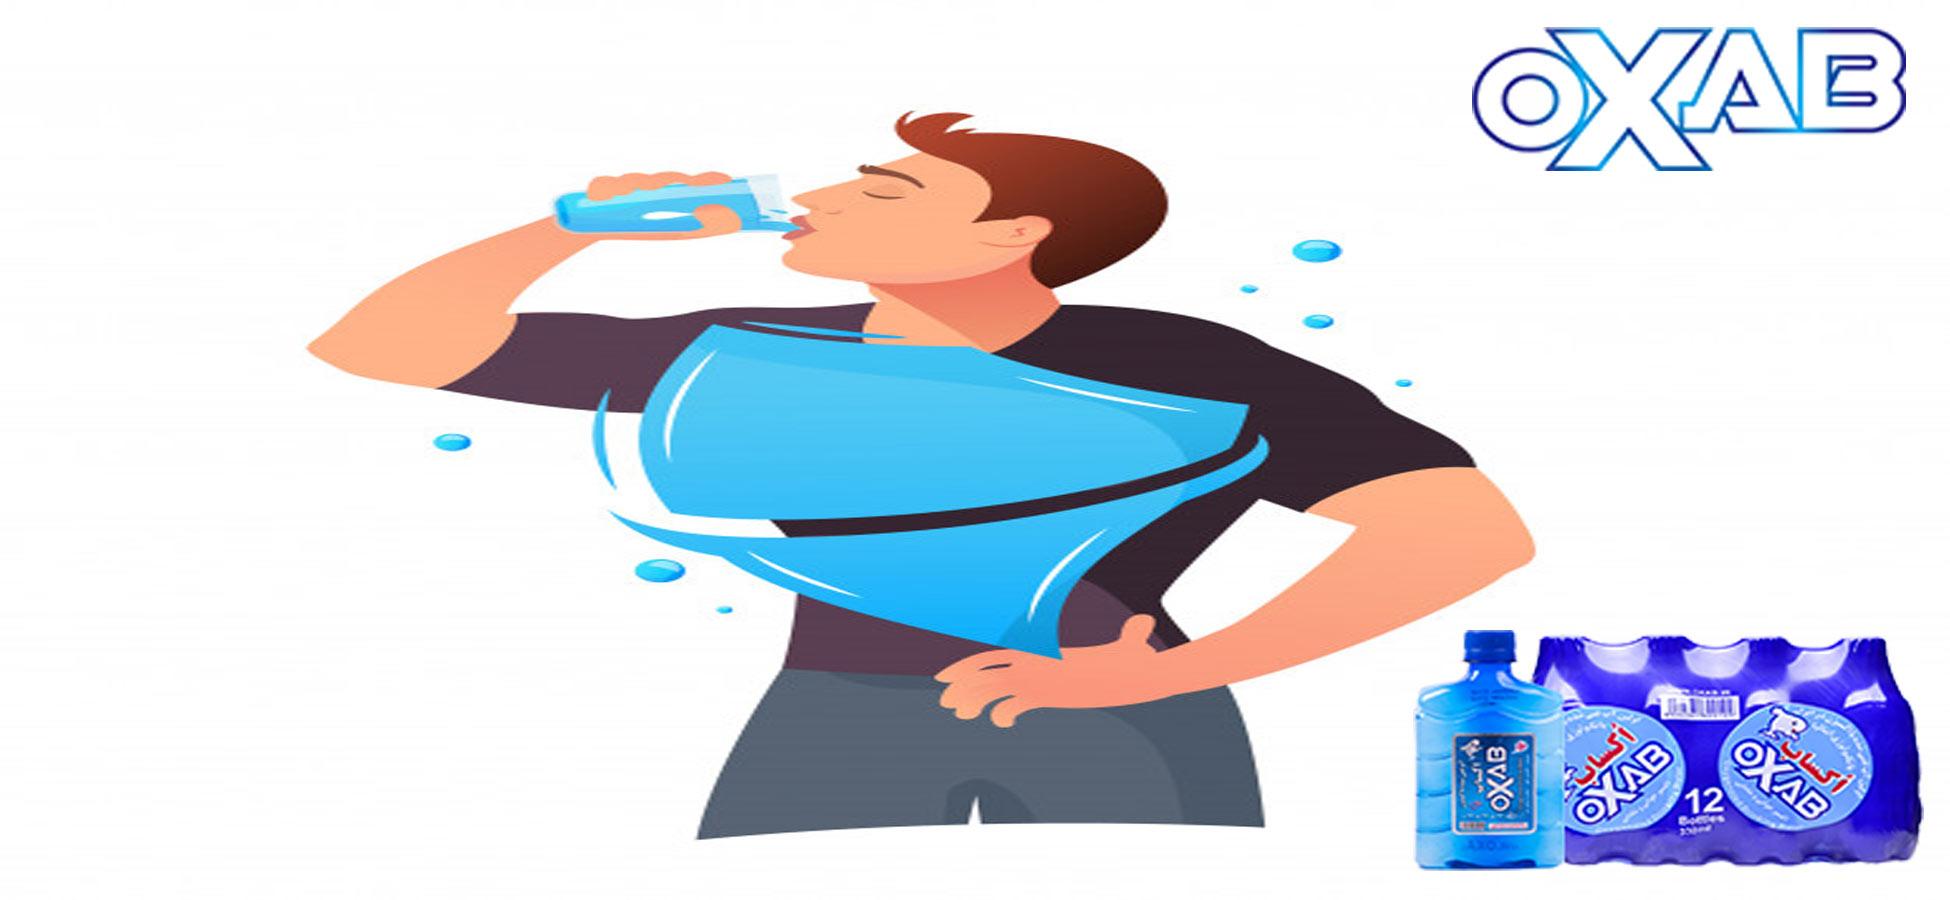 آب و اکسیژن با ارزش تر از غذا و دارو